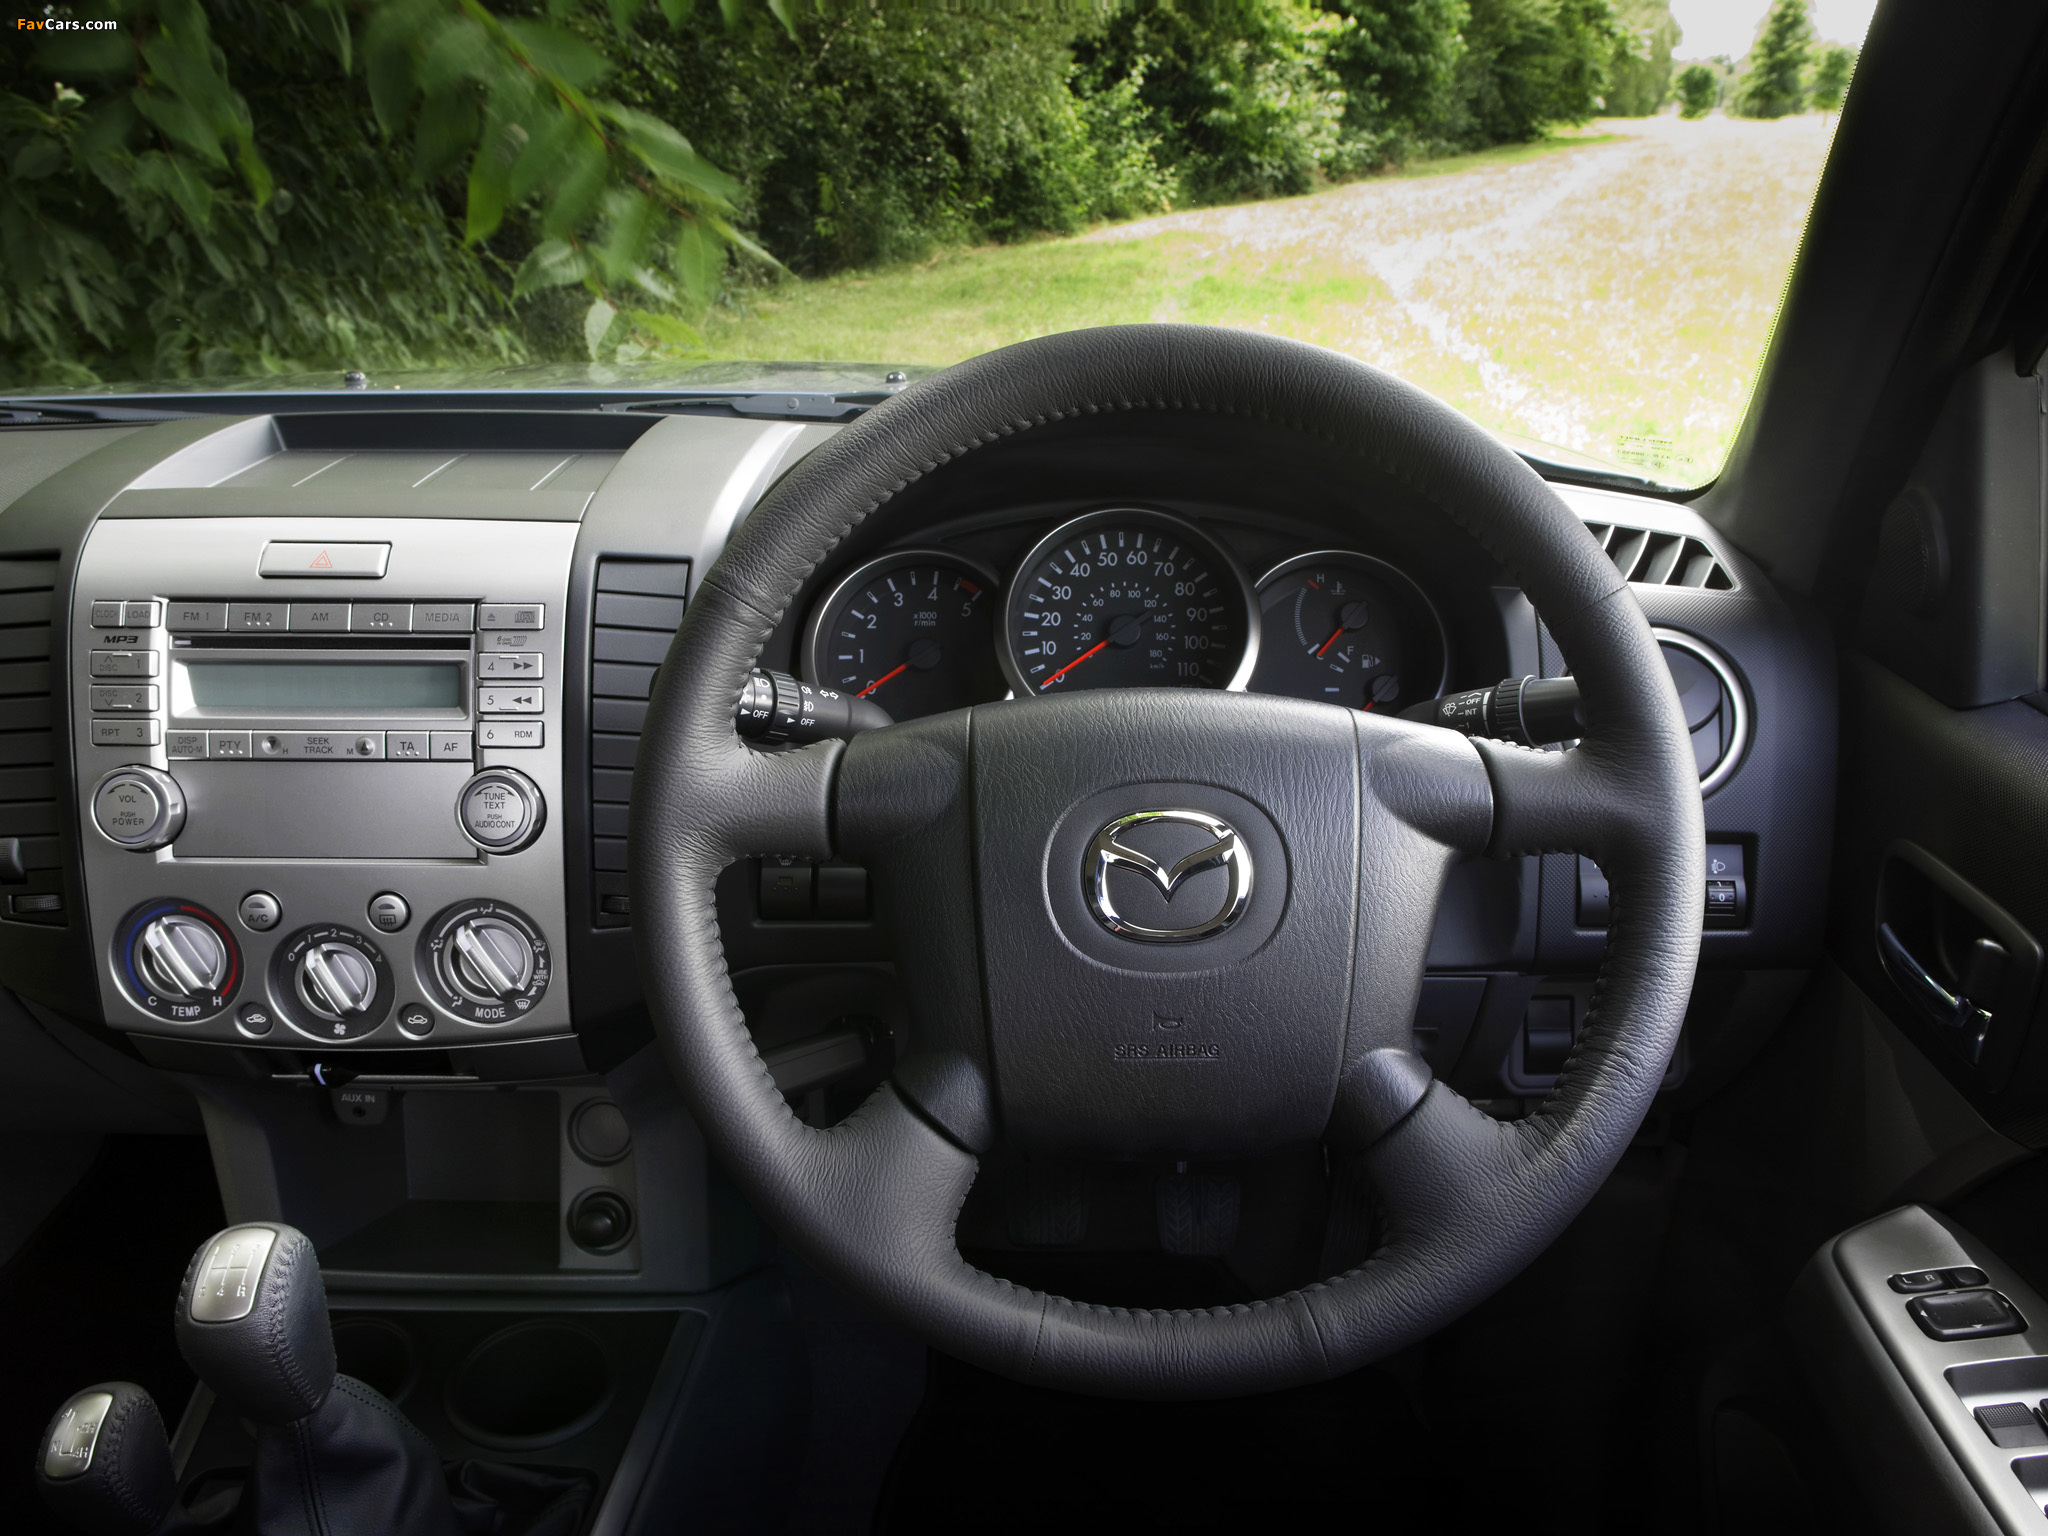 Kelebihan Kekurangan Mazda Bt 50 2008 Top Model Tahun Ini